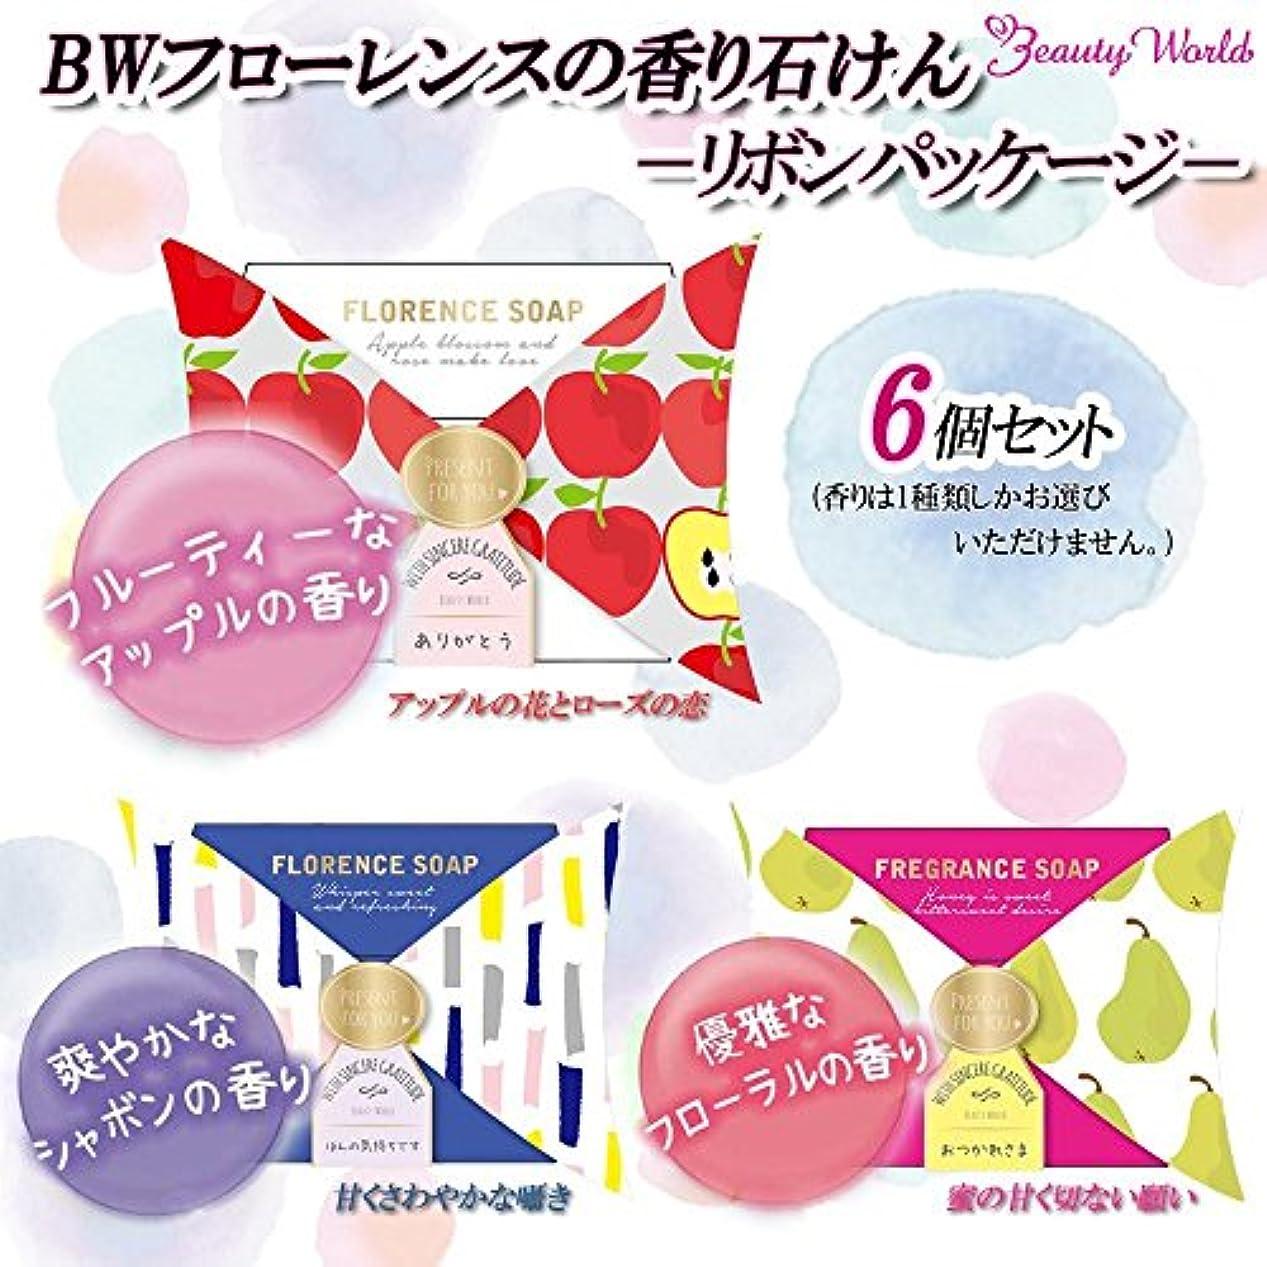 例抑止する遊びますビューティーワールド BWフローレンスの香り石けん リボンパッケージ 6個セット ■3種類の内「FSP385?甘くさわやかな囁き」を1点のみです